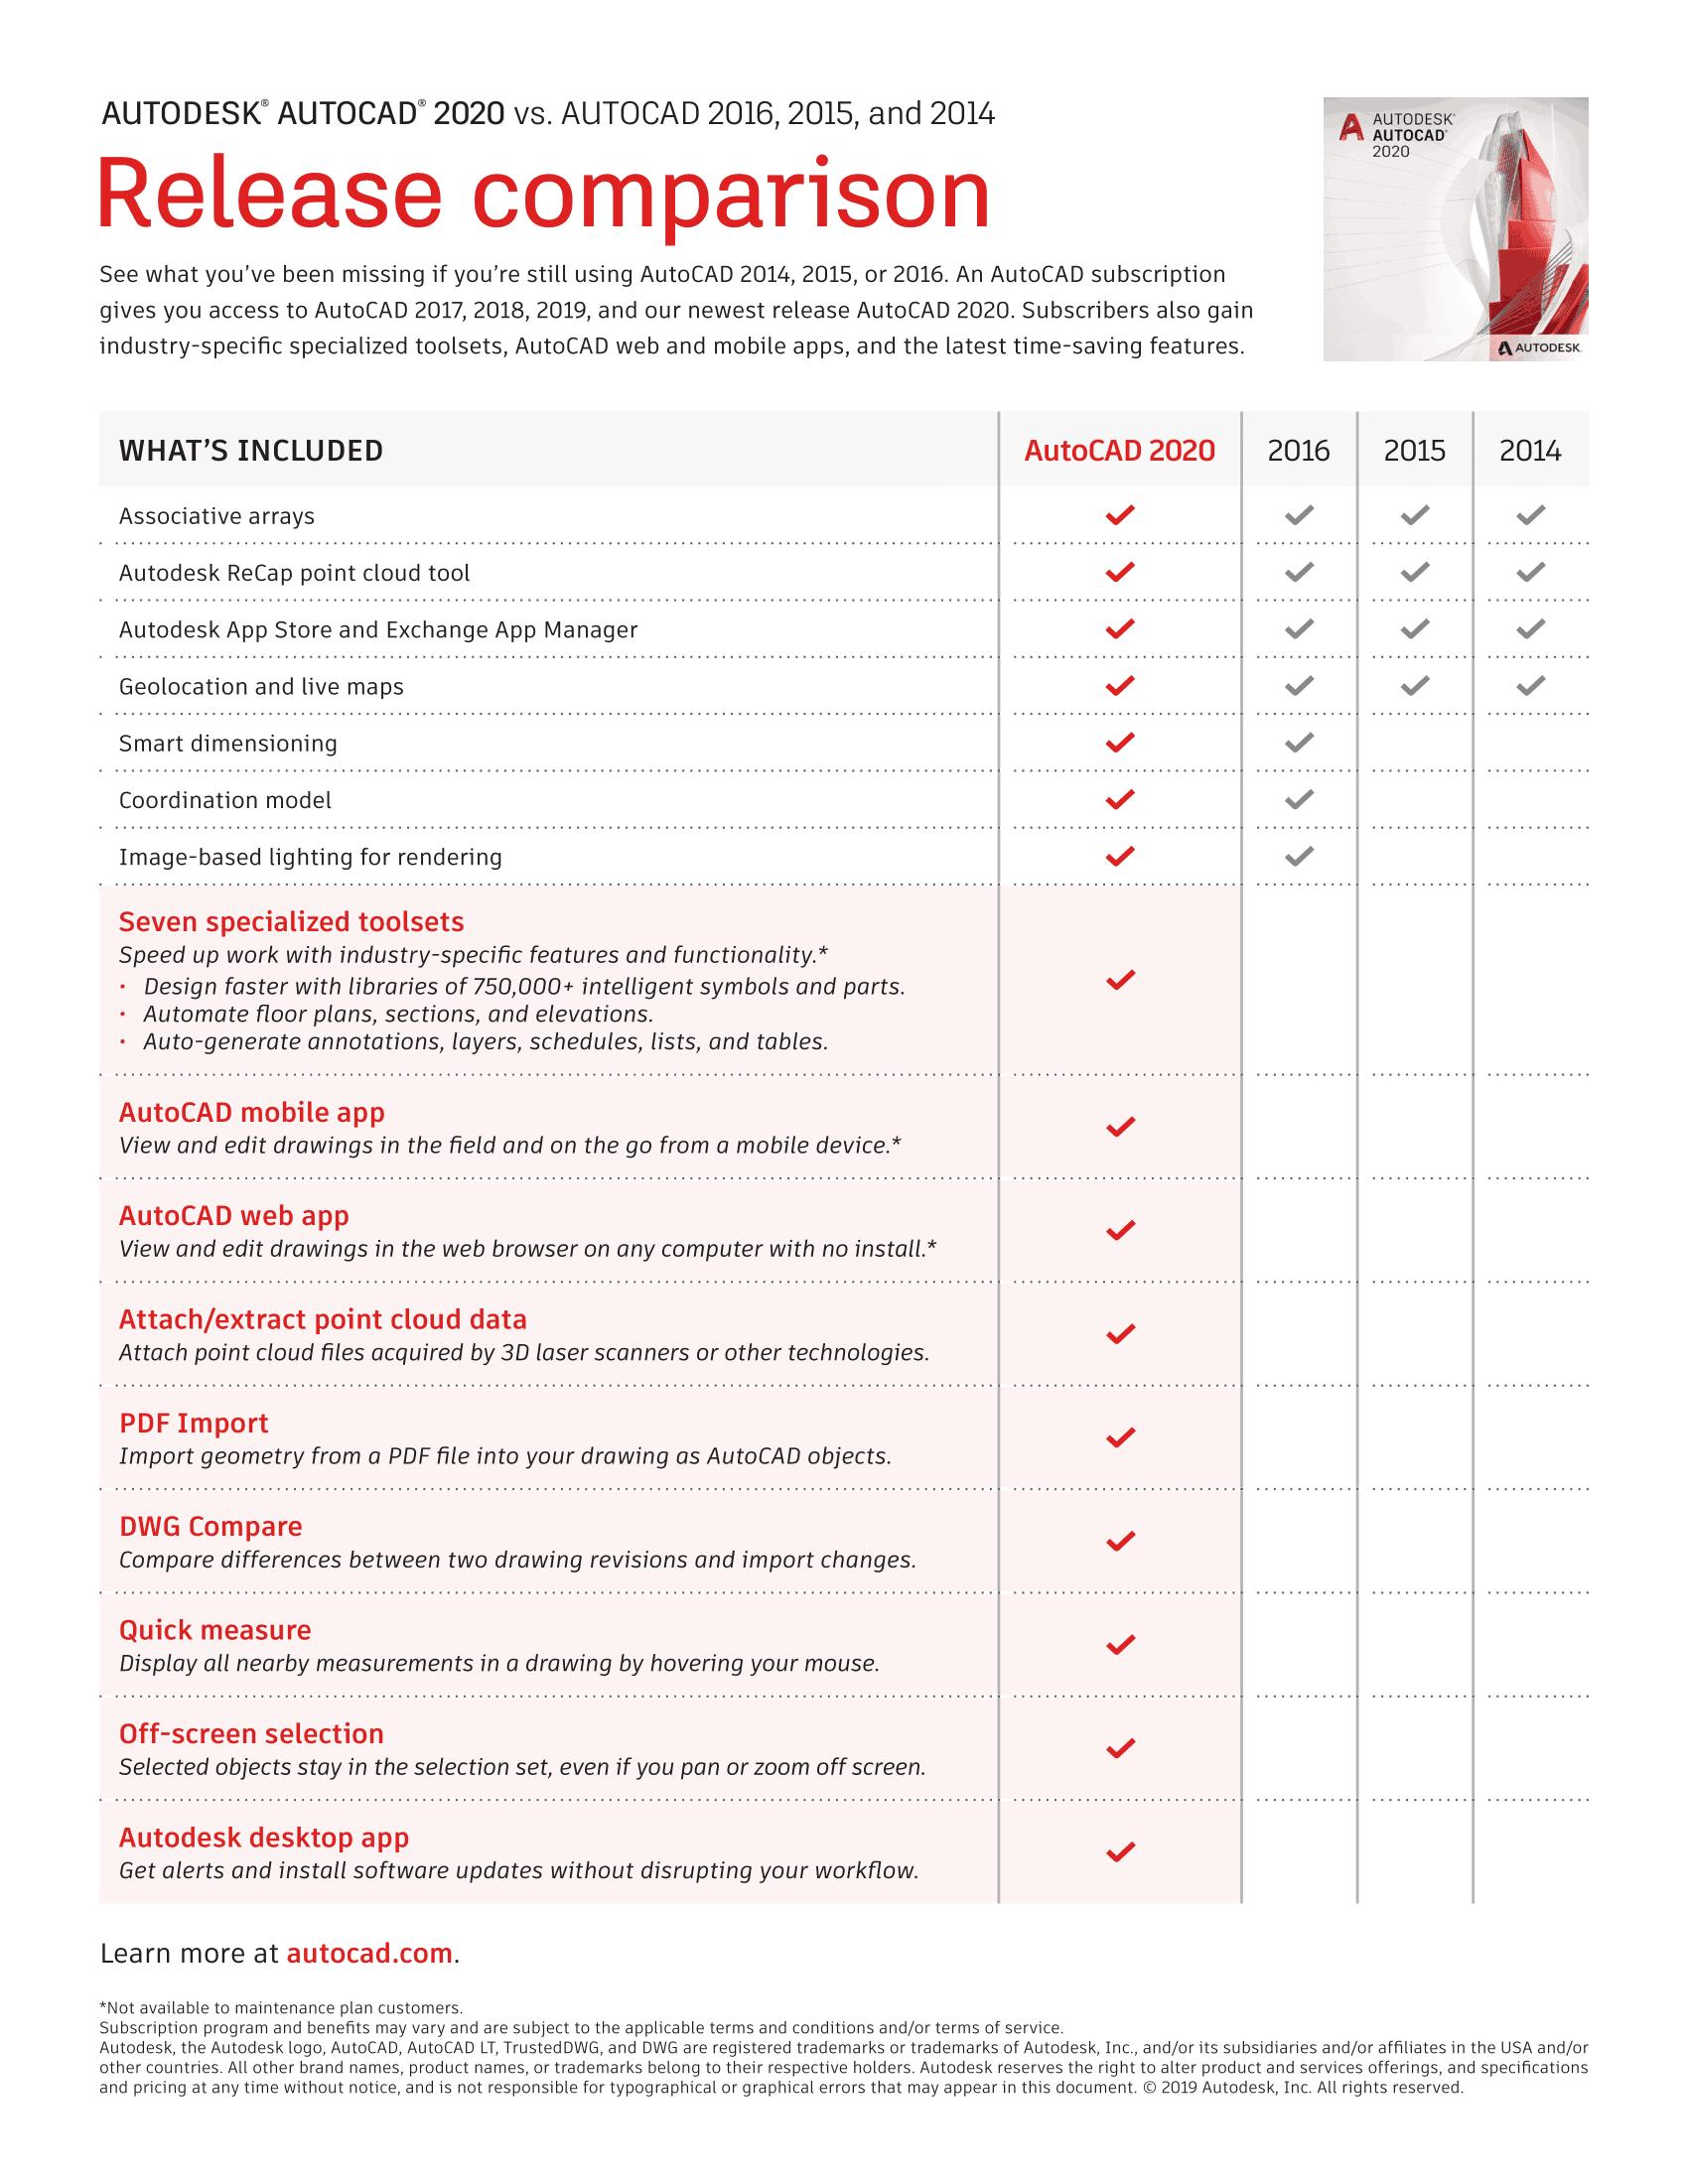 Porównanie wersji AutoCAD 2020 / 2016 / 2015 / 2014